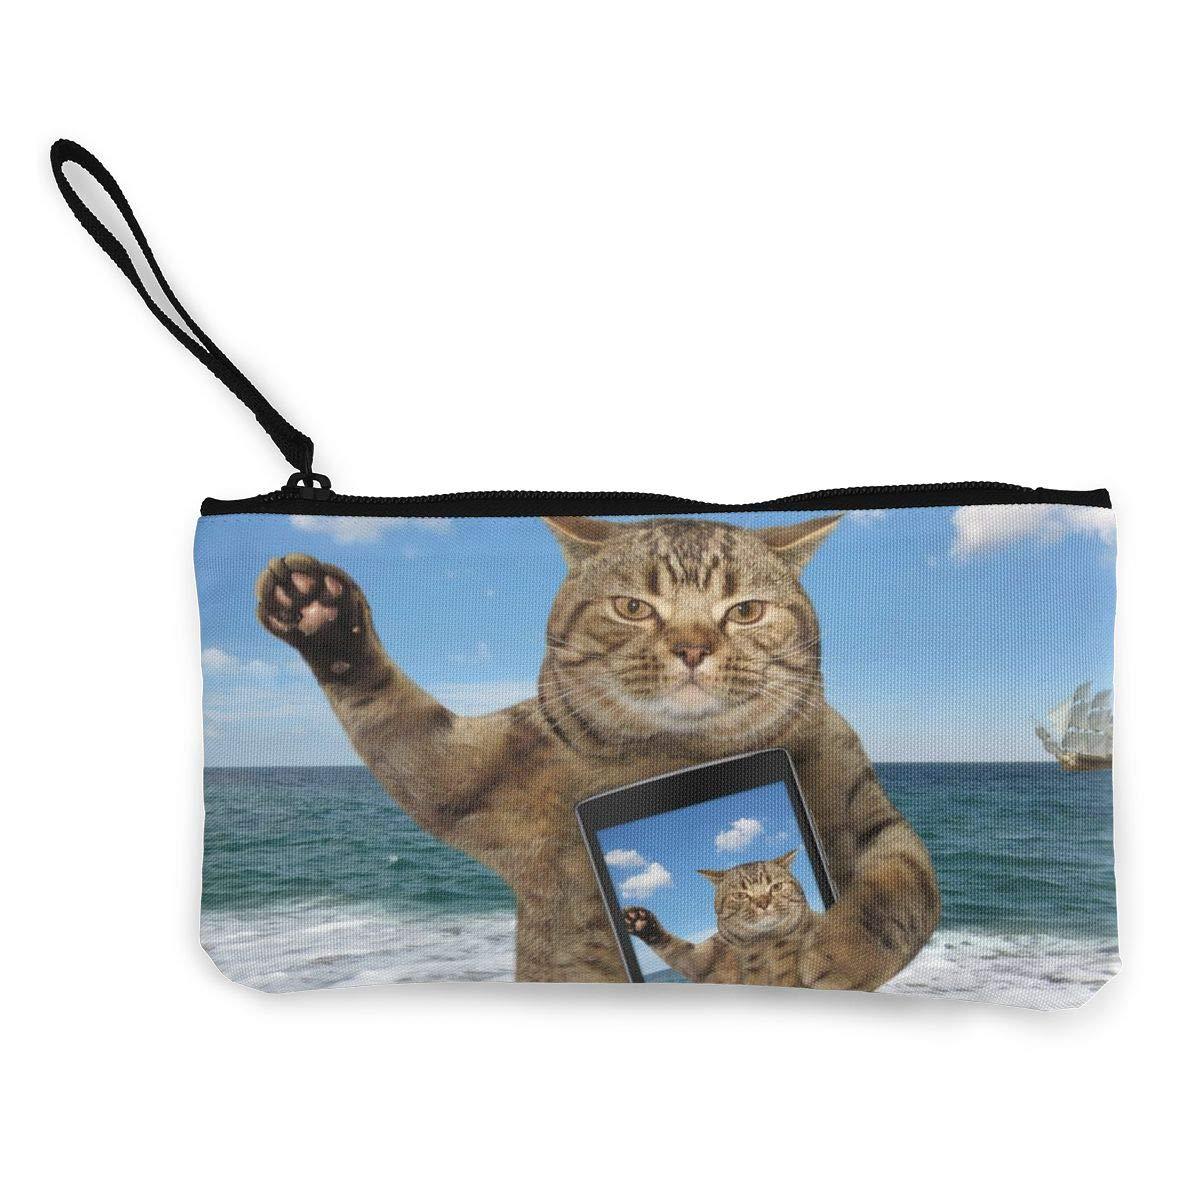 Cosmetic Toiletry Sandy Beach Selfie Cat Makeup Bag For Women Men Travel Bag